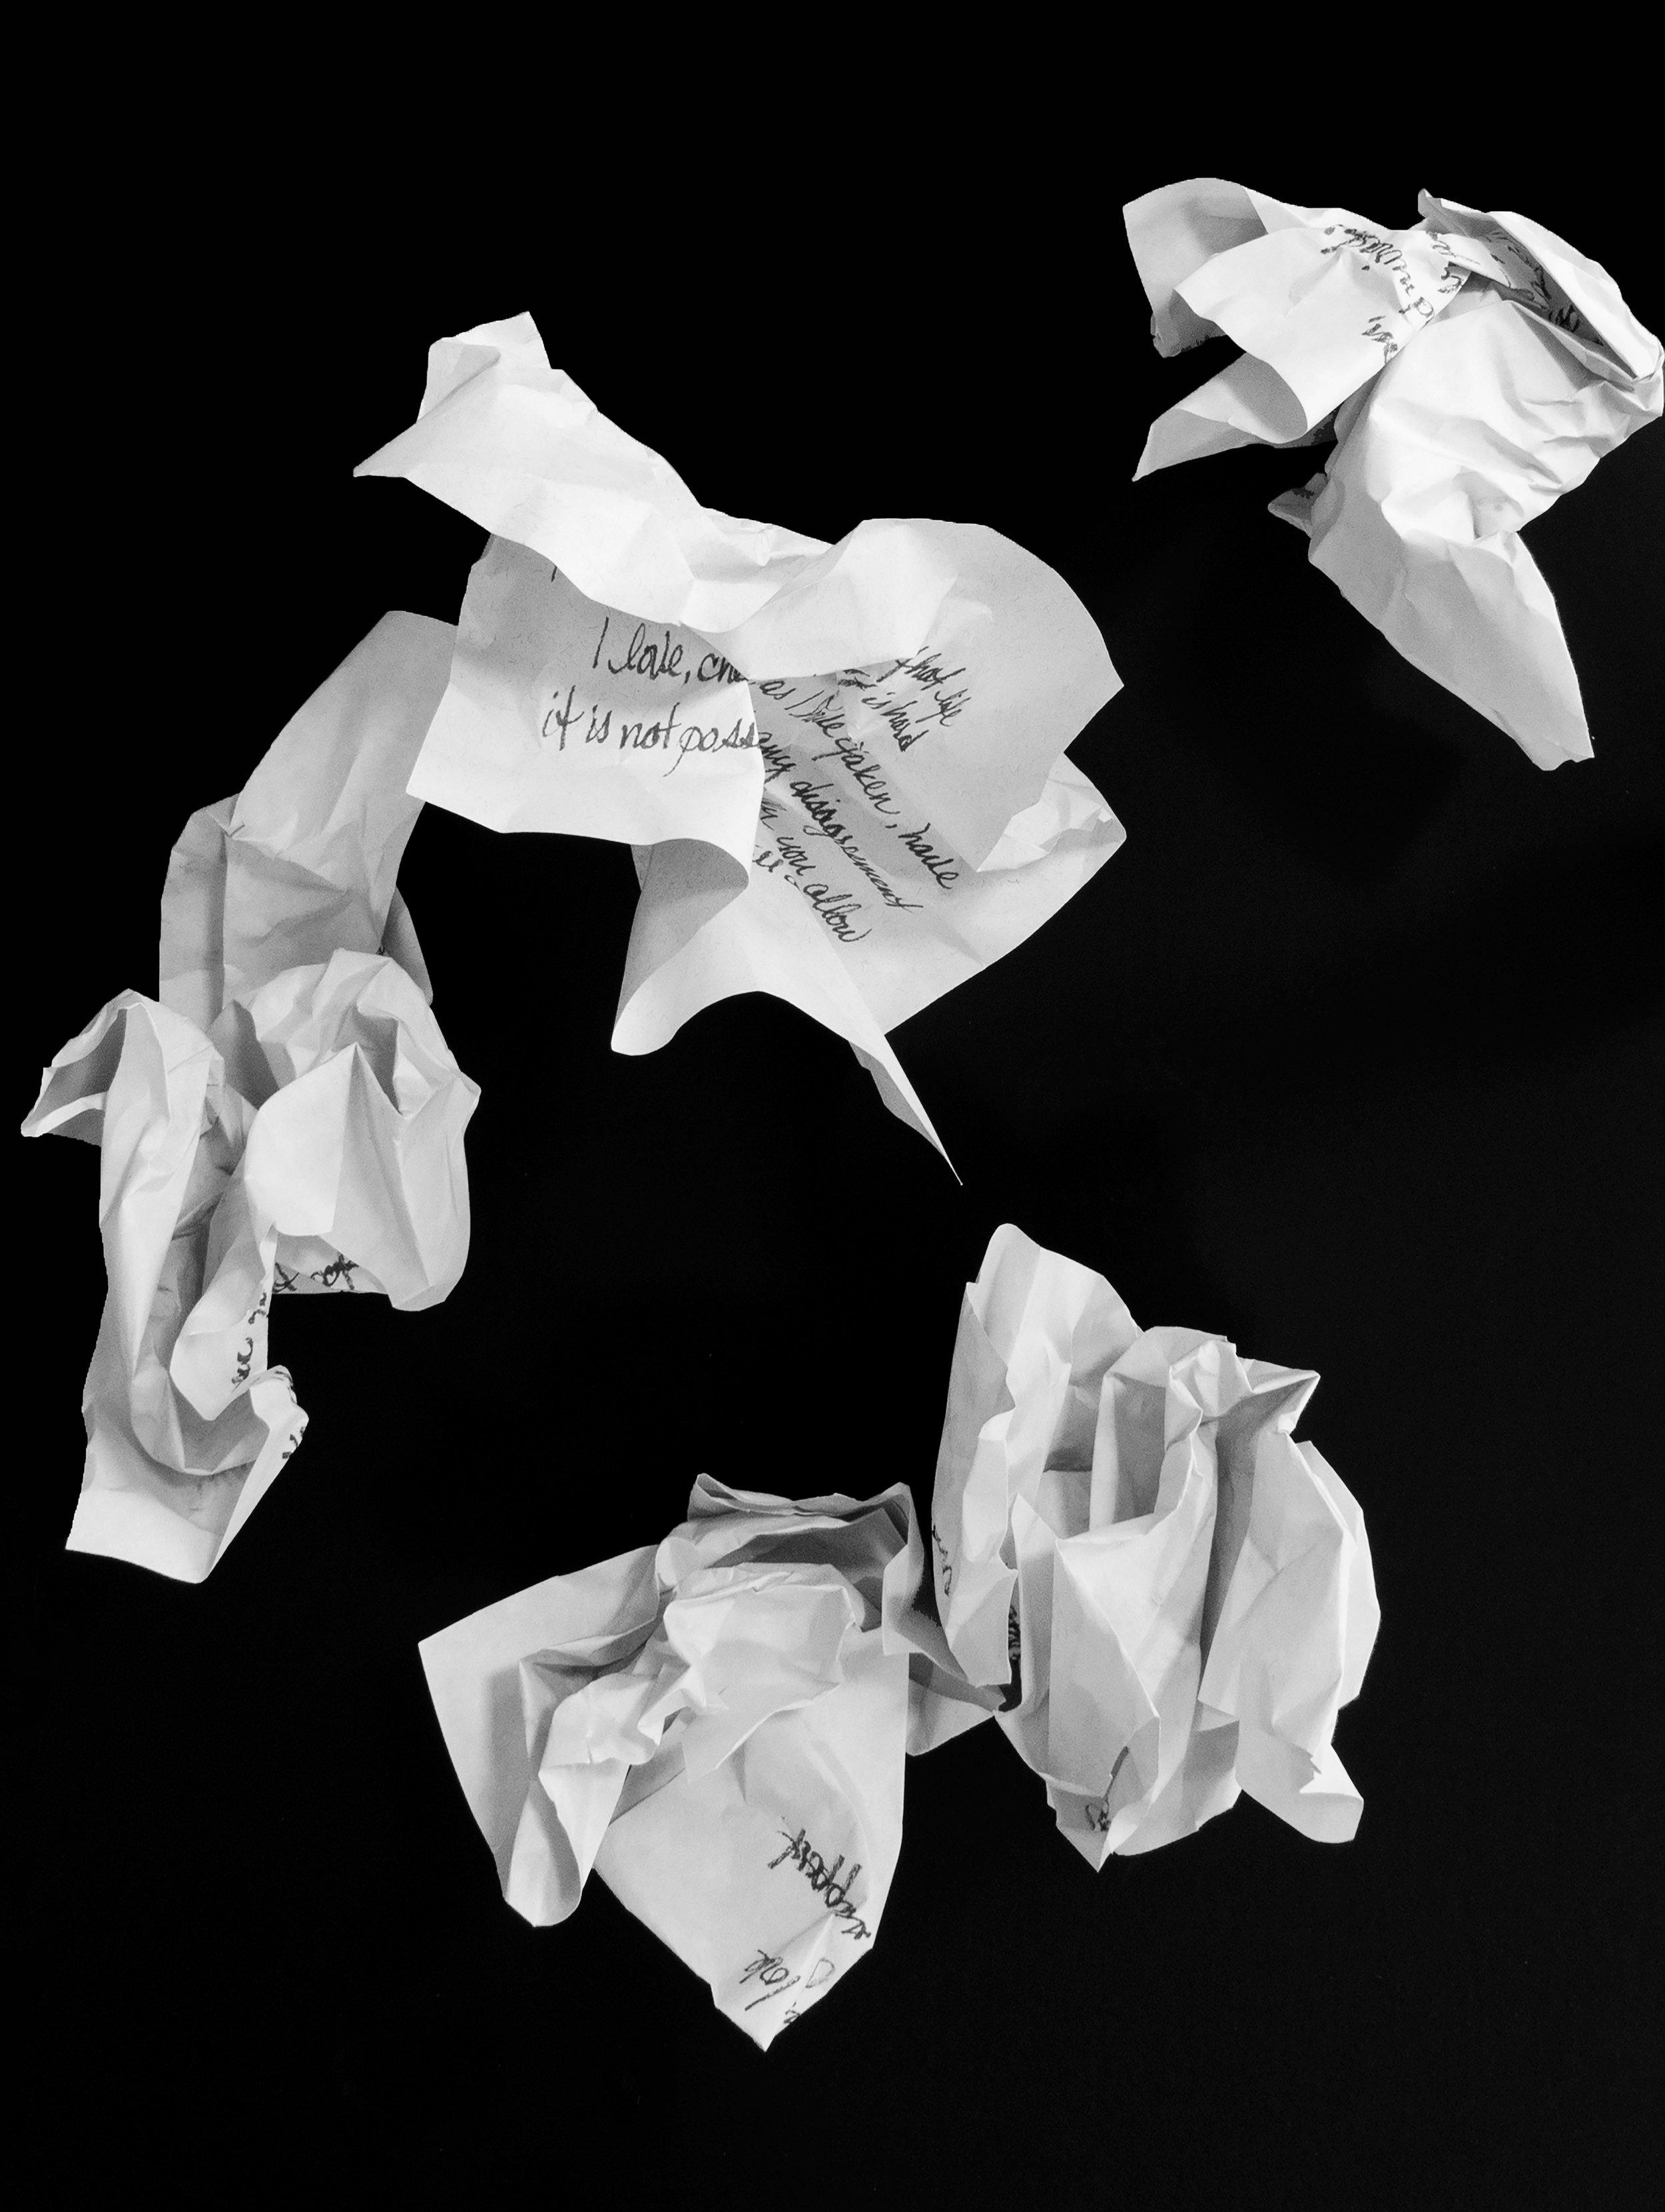 1-Paper-multi_B&W-3220077-final.jpg